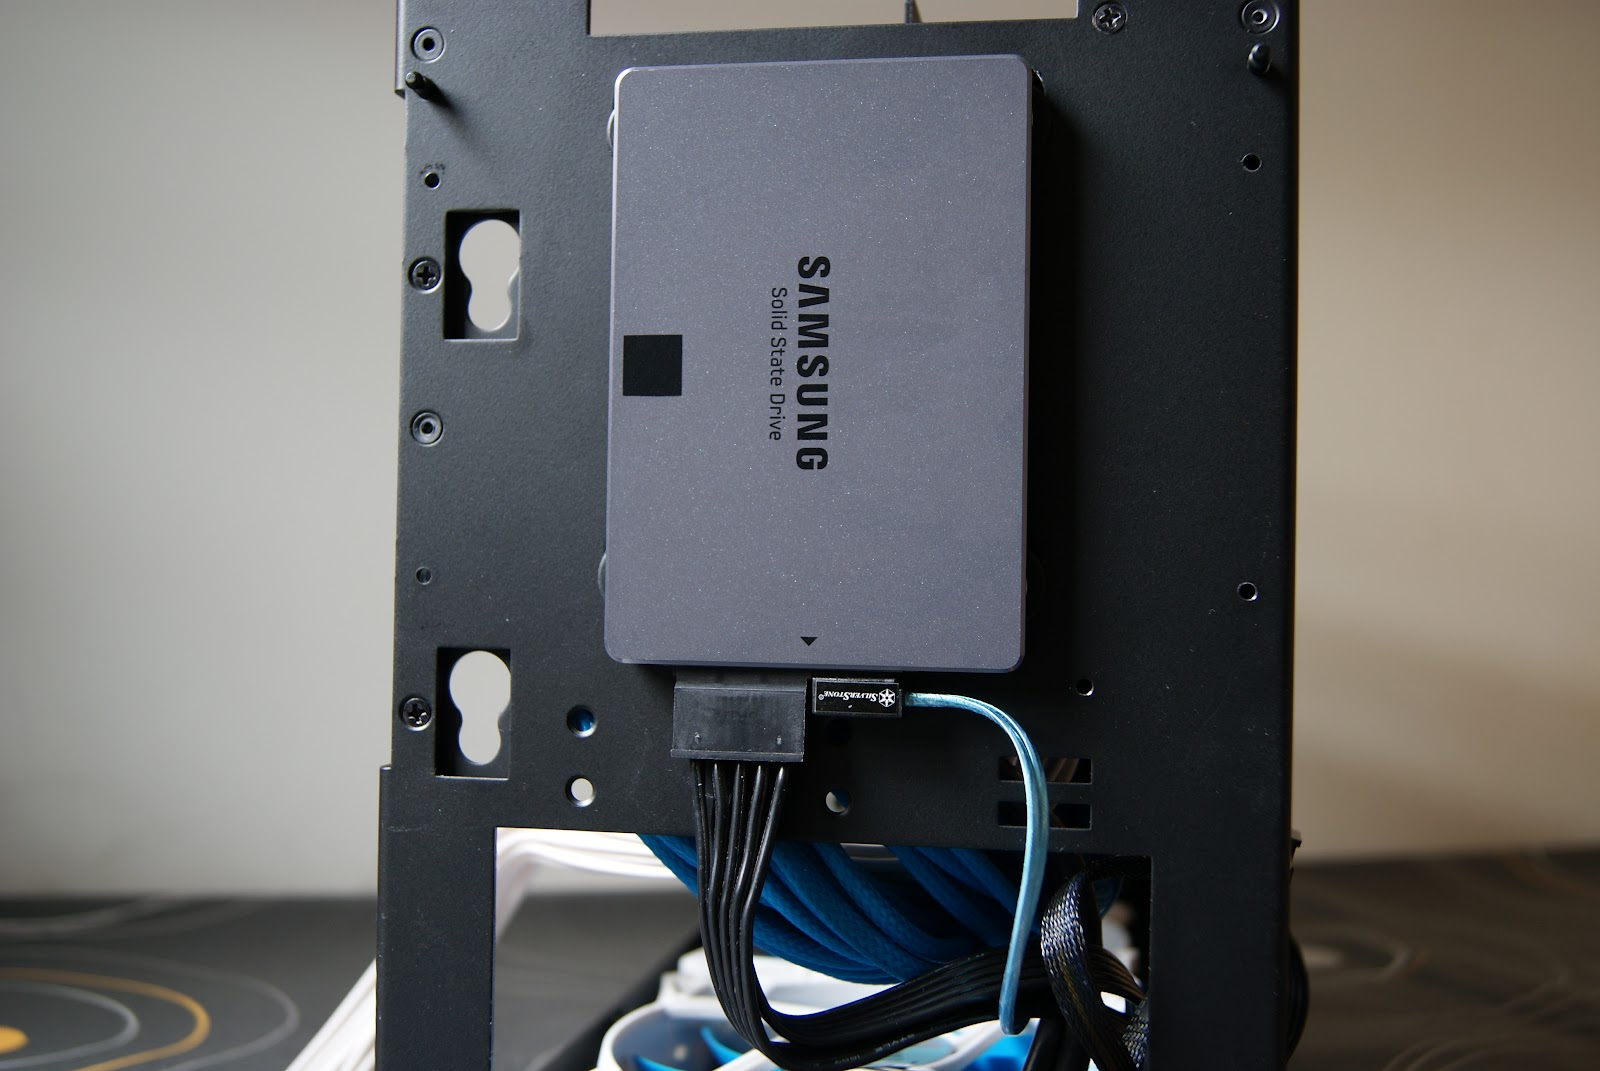 SSD 840 EVO 1TB - NCASE M1 Mini-ITX